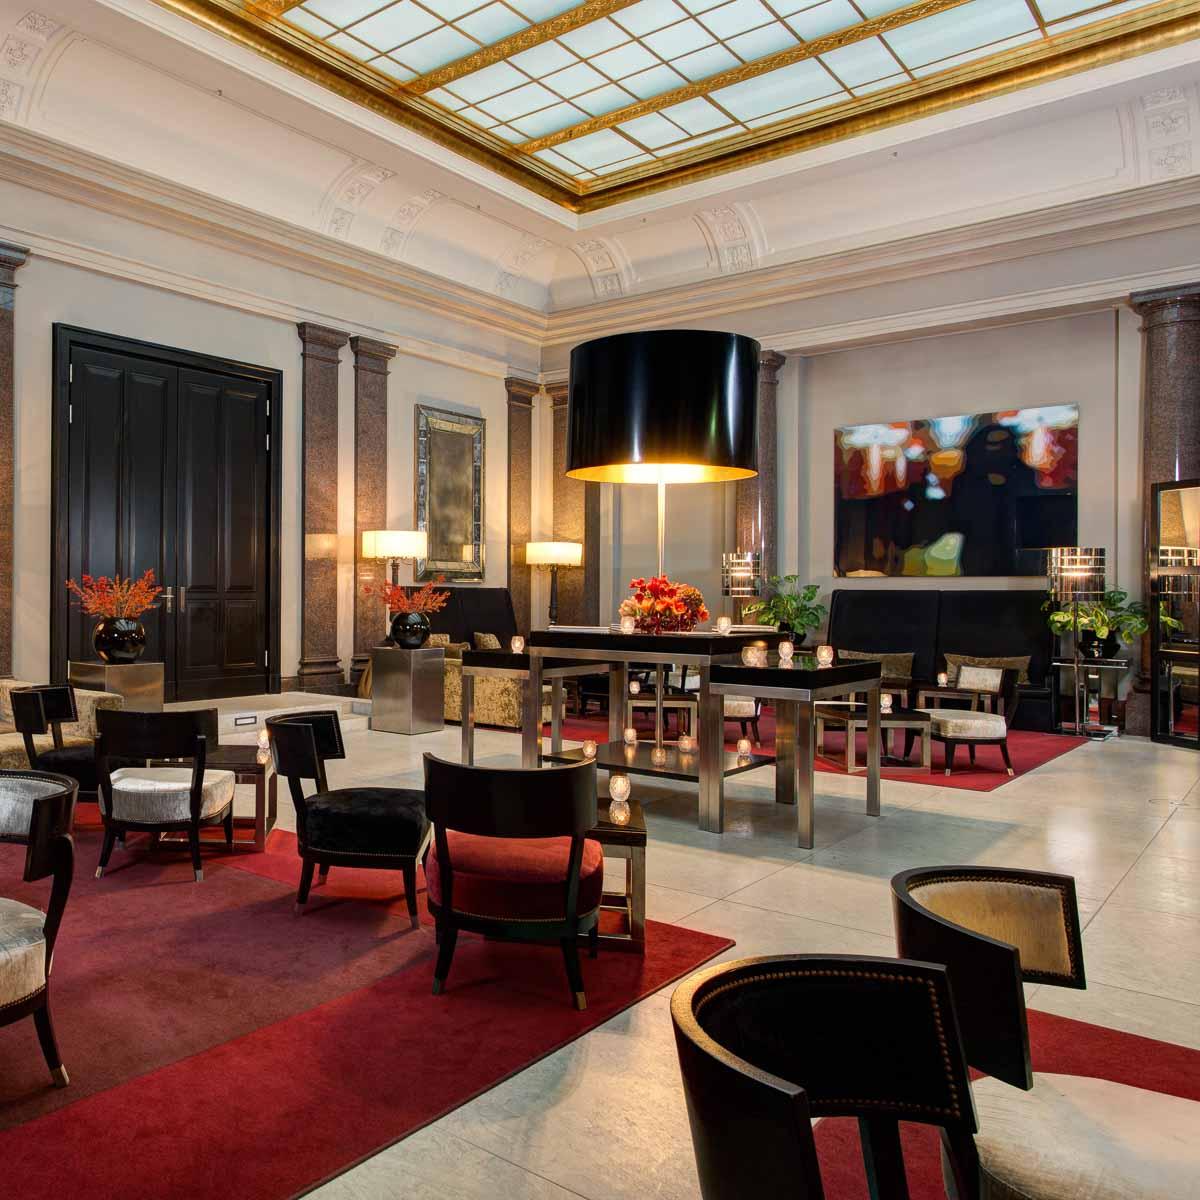 Hotel de Rome Unter den Linden in Berlin-Mitte Lobby